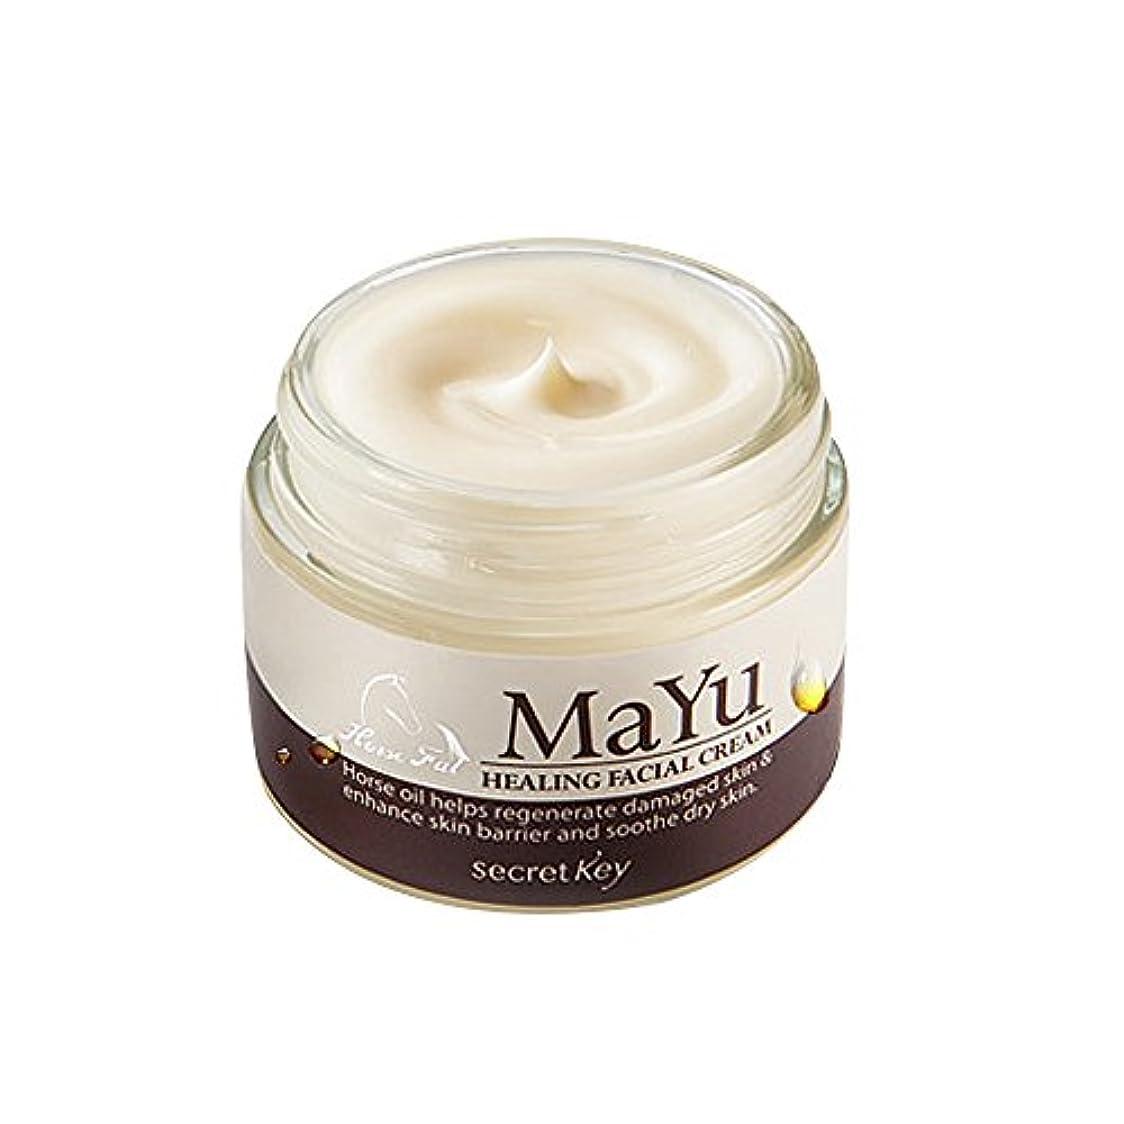 コンソールしないでくださいスラム街[シークレットキー]Secretkey 馬油ヒーリングフェイシャルクリーム70g 海外直送品 Mayu Healing Facial Cream 70g